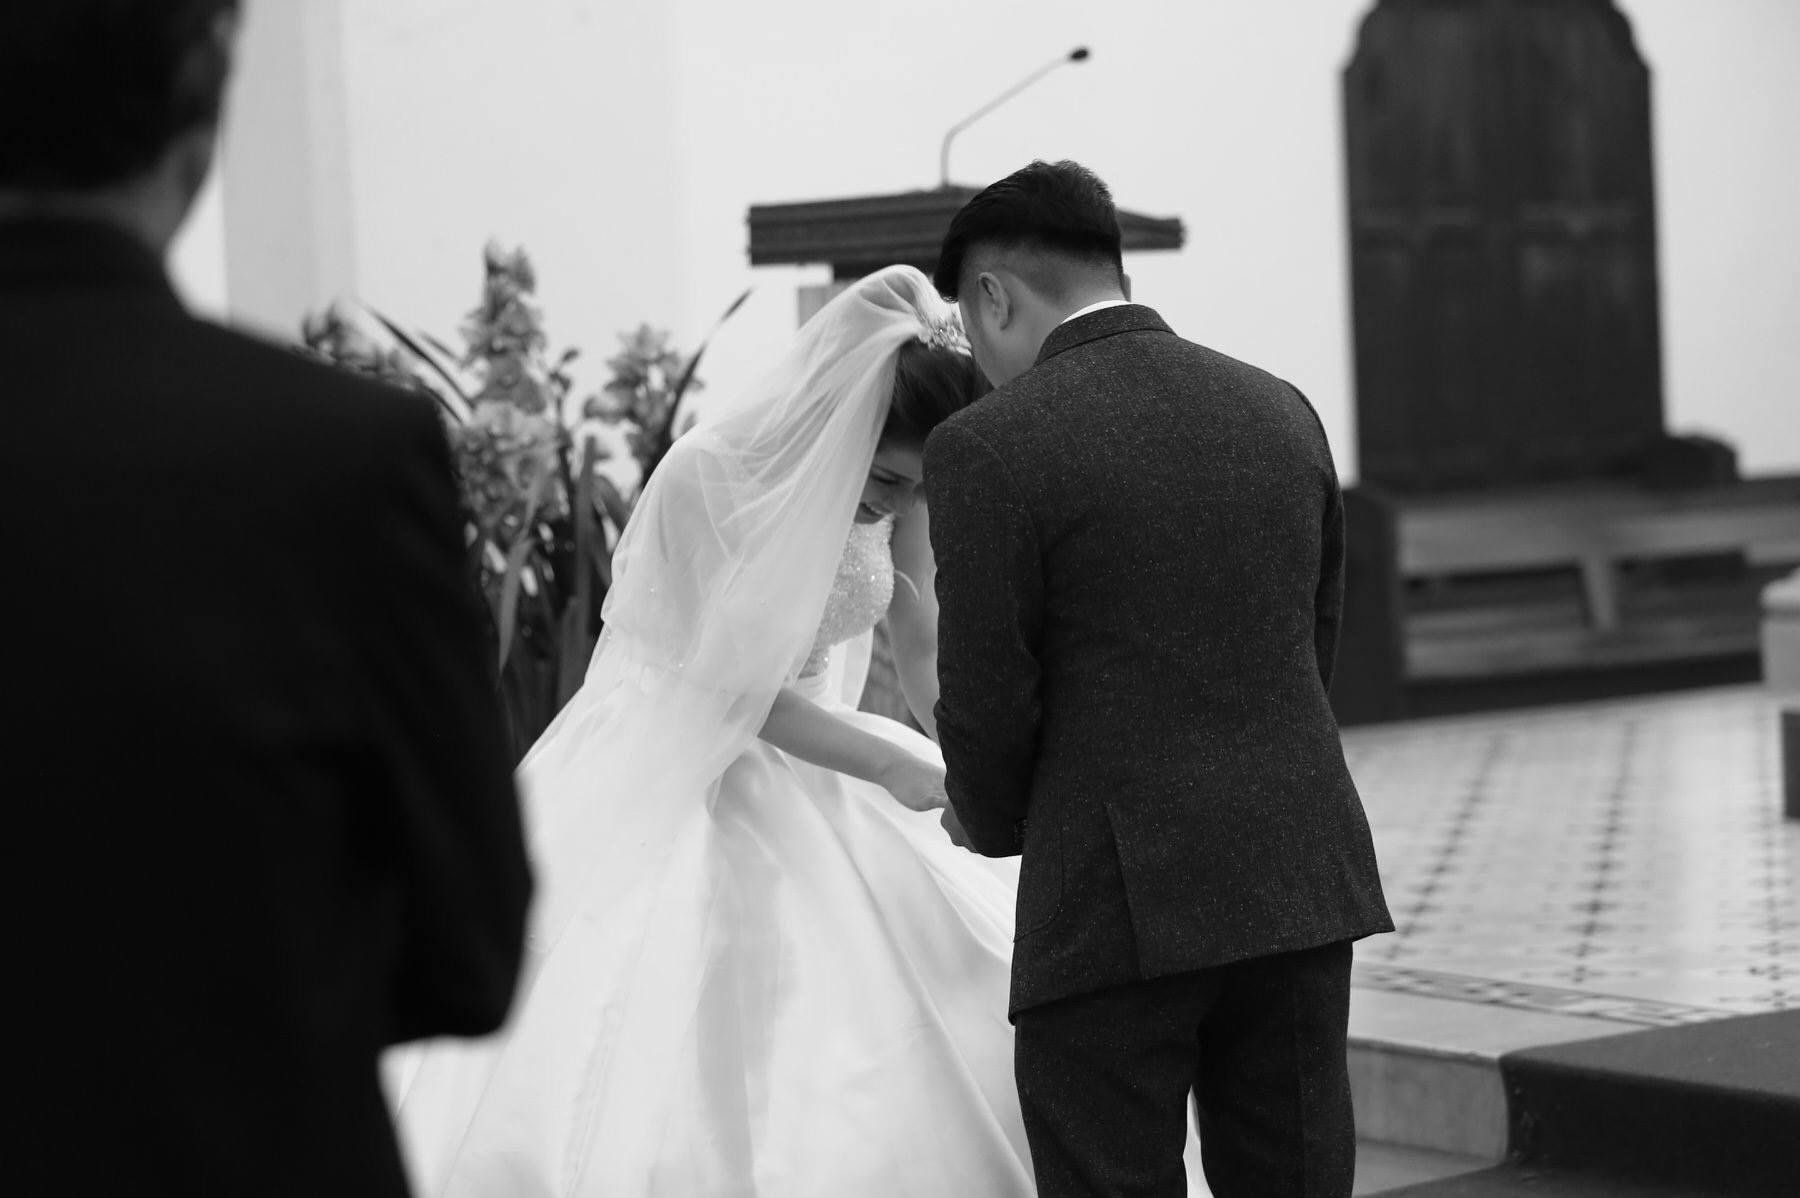 Giây phút hạnh phúc trong hôn lễ tại nhà thờ Chánh Tòa Đà Lạt.